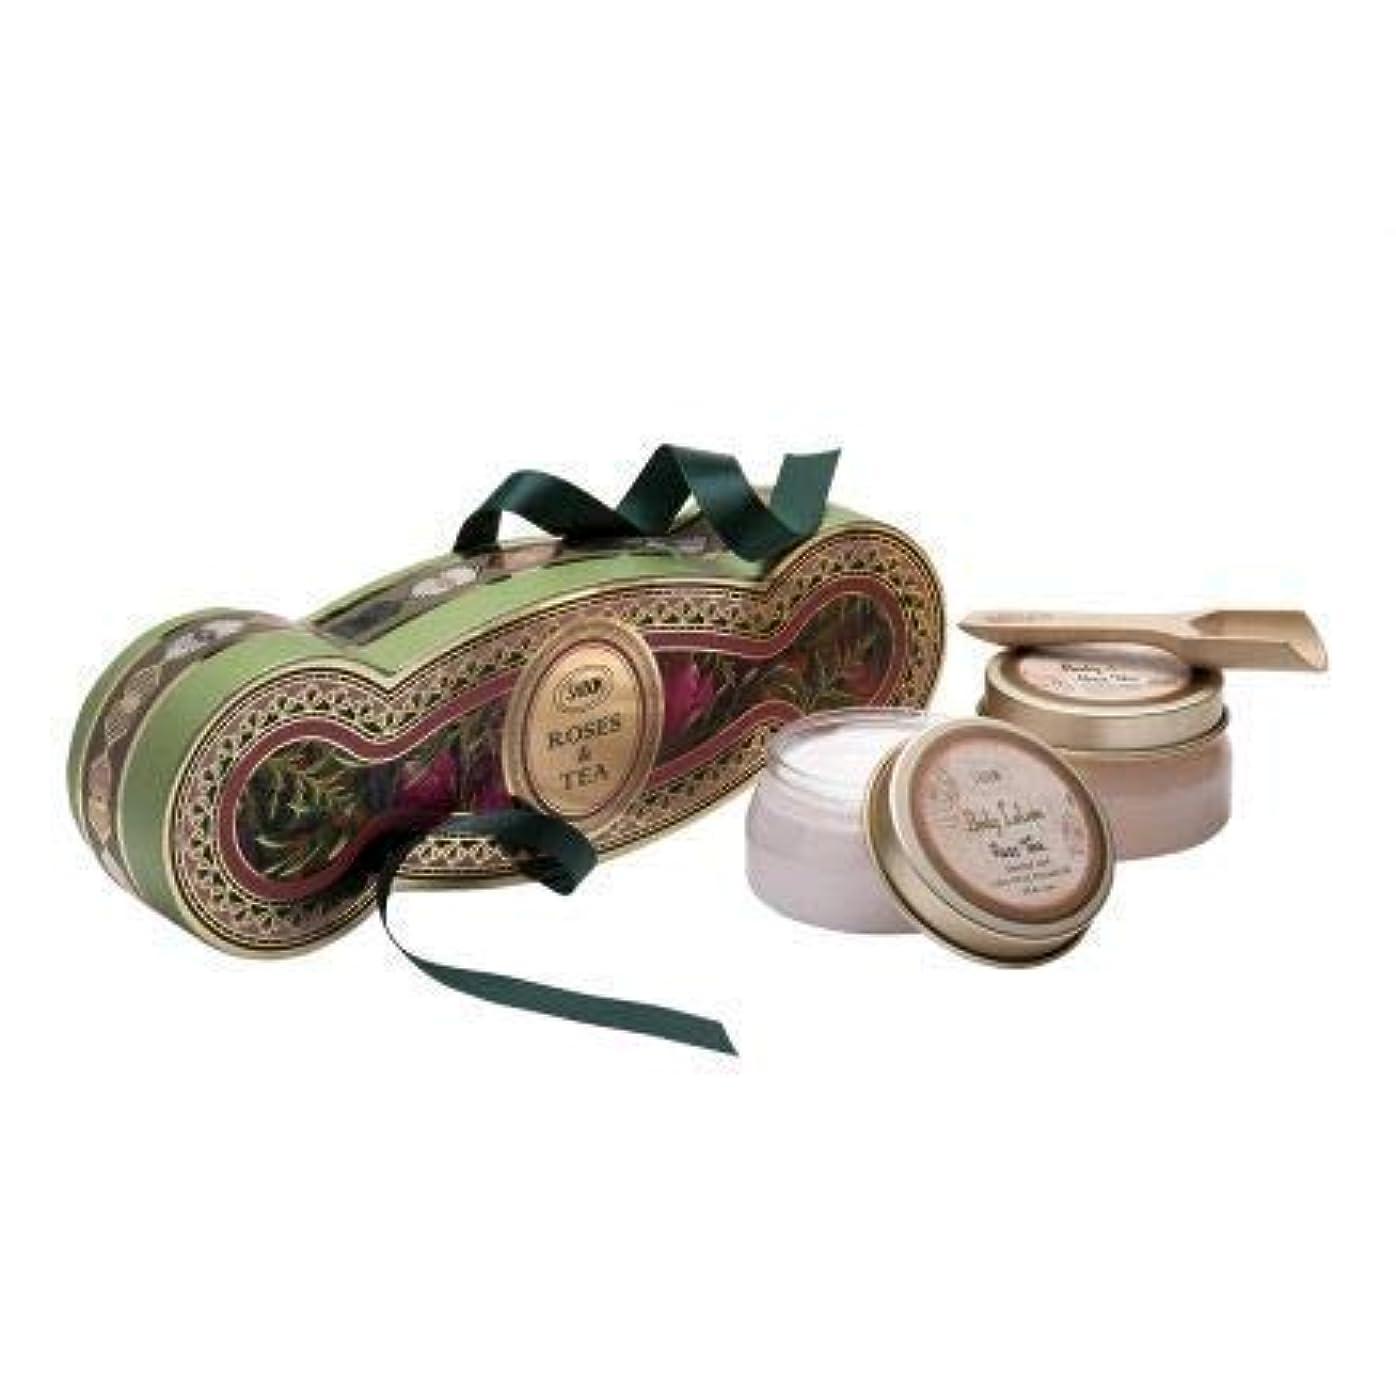 小さな連邦タッチサボン コフレ ギフト ローズティー キット ボディスクラブ ボディローション ホワイトデー SABON Rose Tea kit コレクション